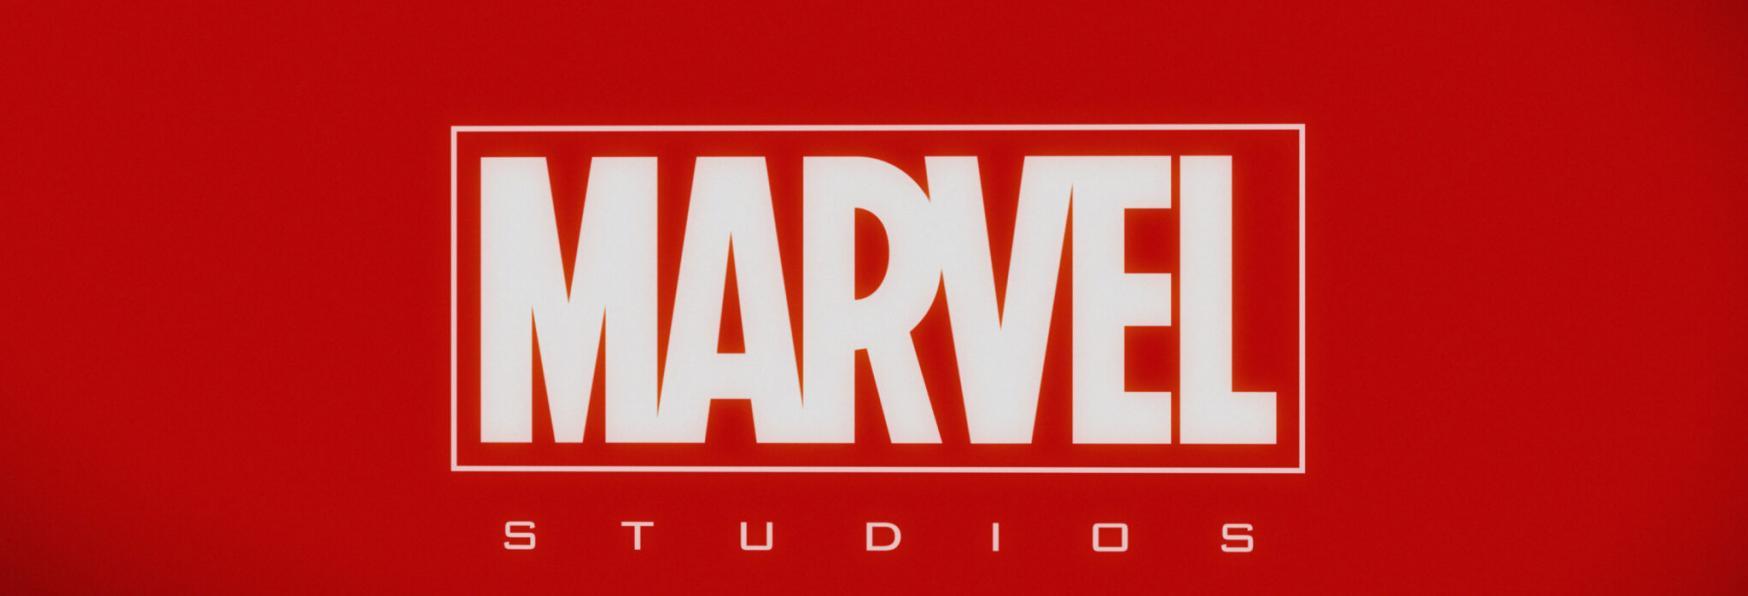 La Marvel annuncia Behind The Mask, una nuova Docuserie sui Supereroi per Disney+